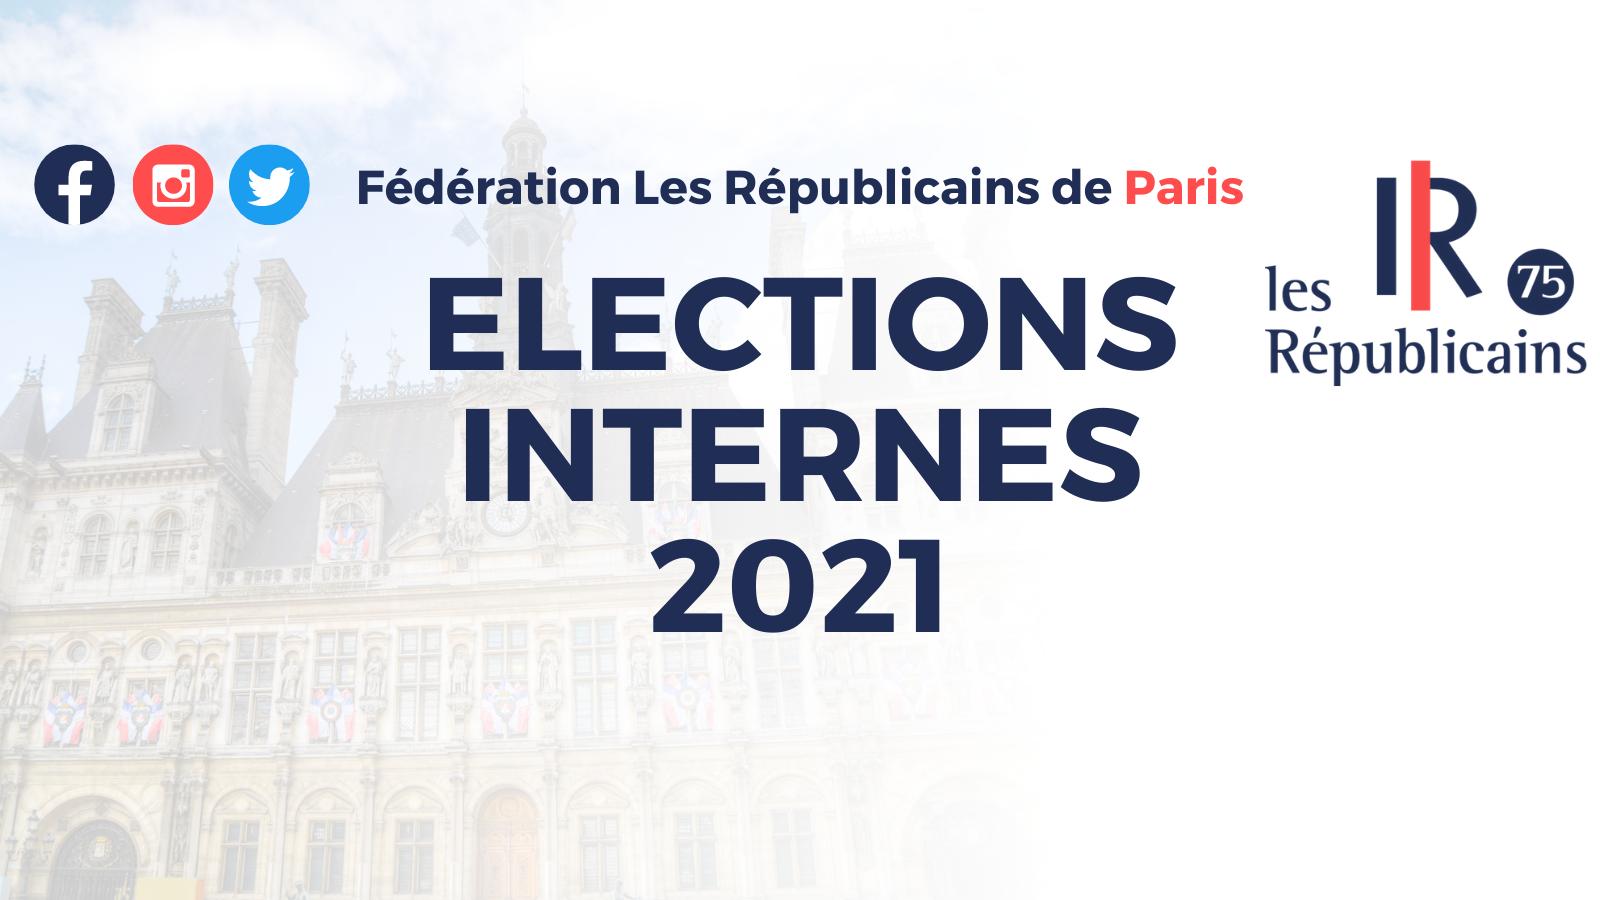 Élections internes 2021 : Les candidats à Paris